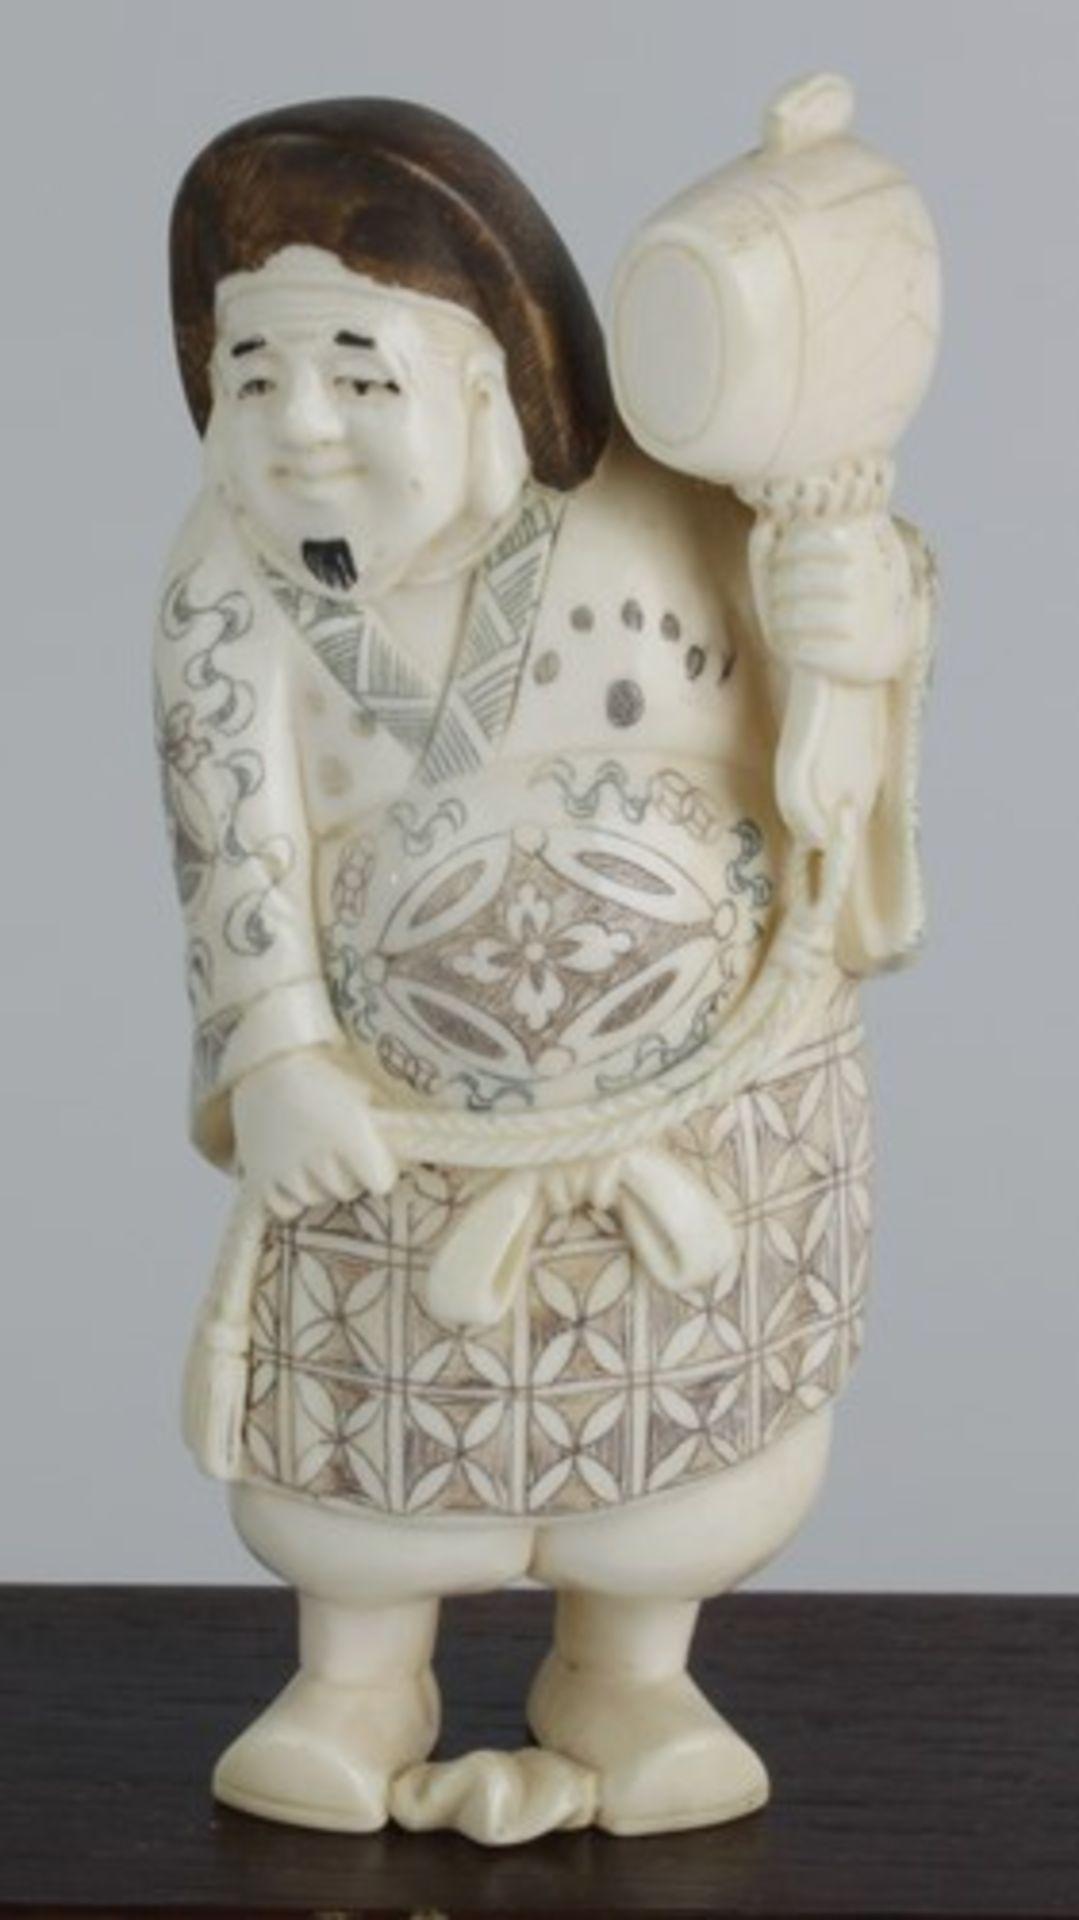 Figurengruppe - Chinaum 1920, 7x vollplastische Elfenbein-Schnitzereien, partiell geschwärzt, - Bild 23 aus 24